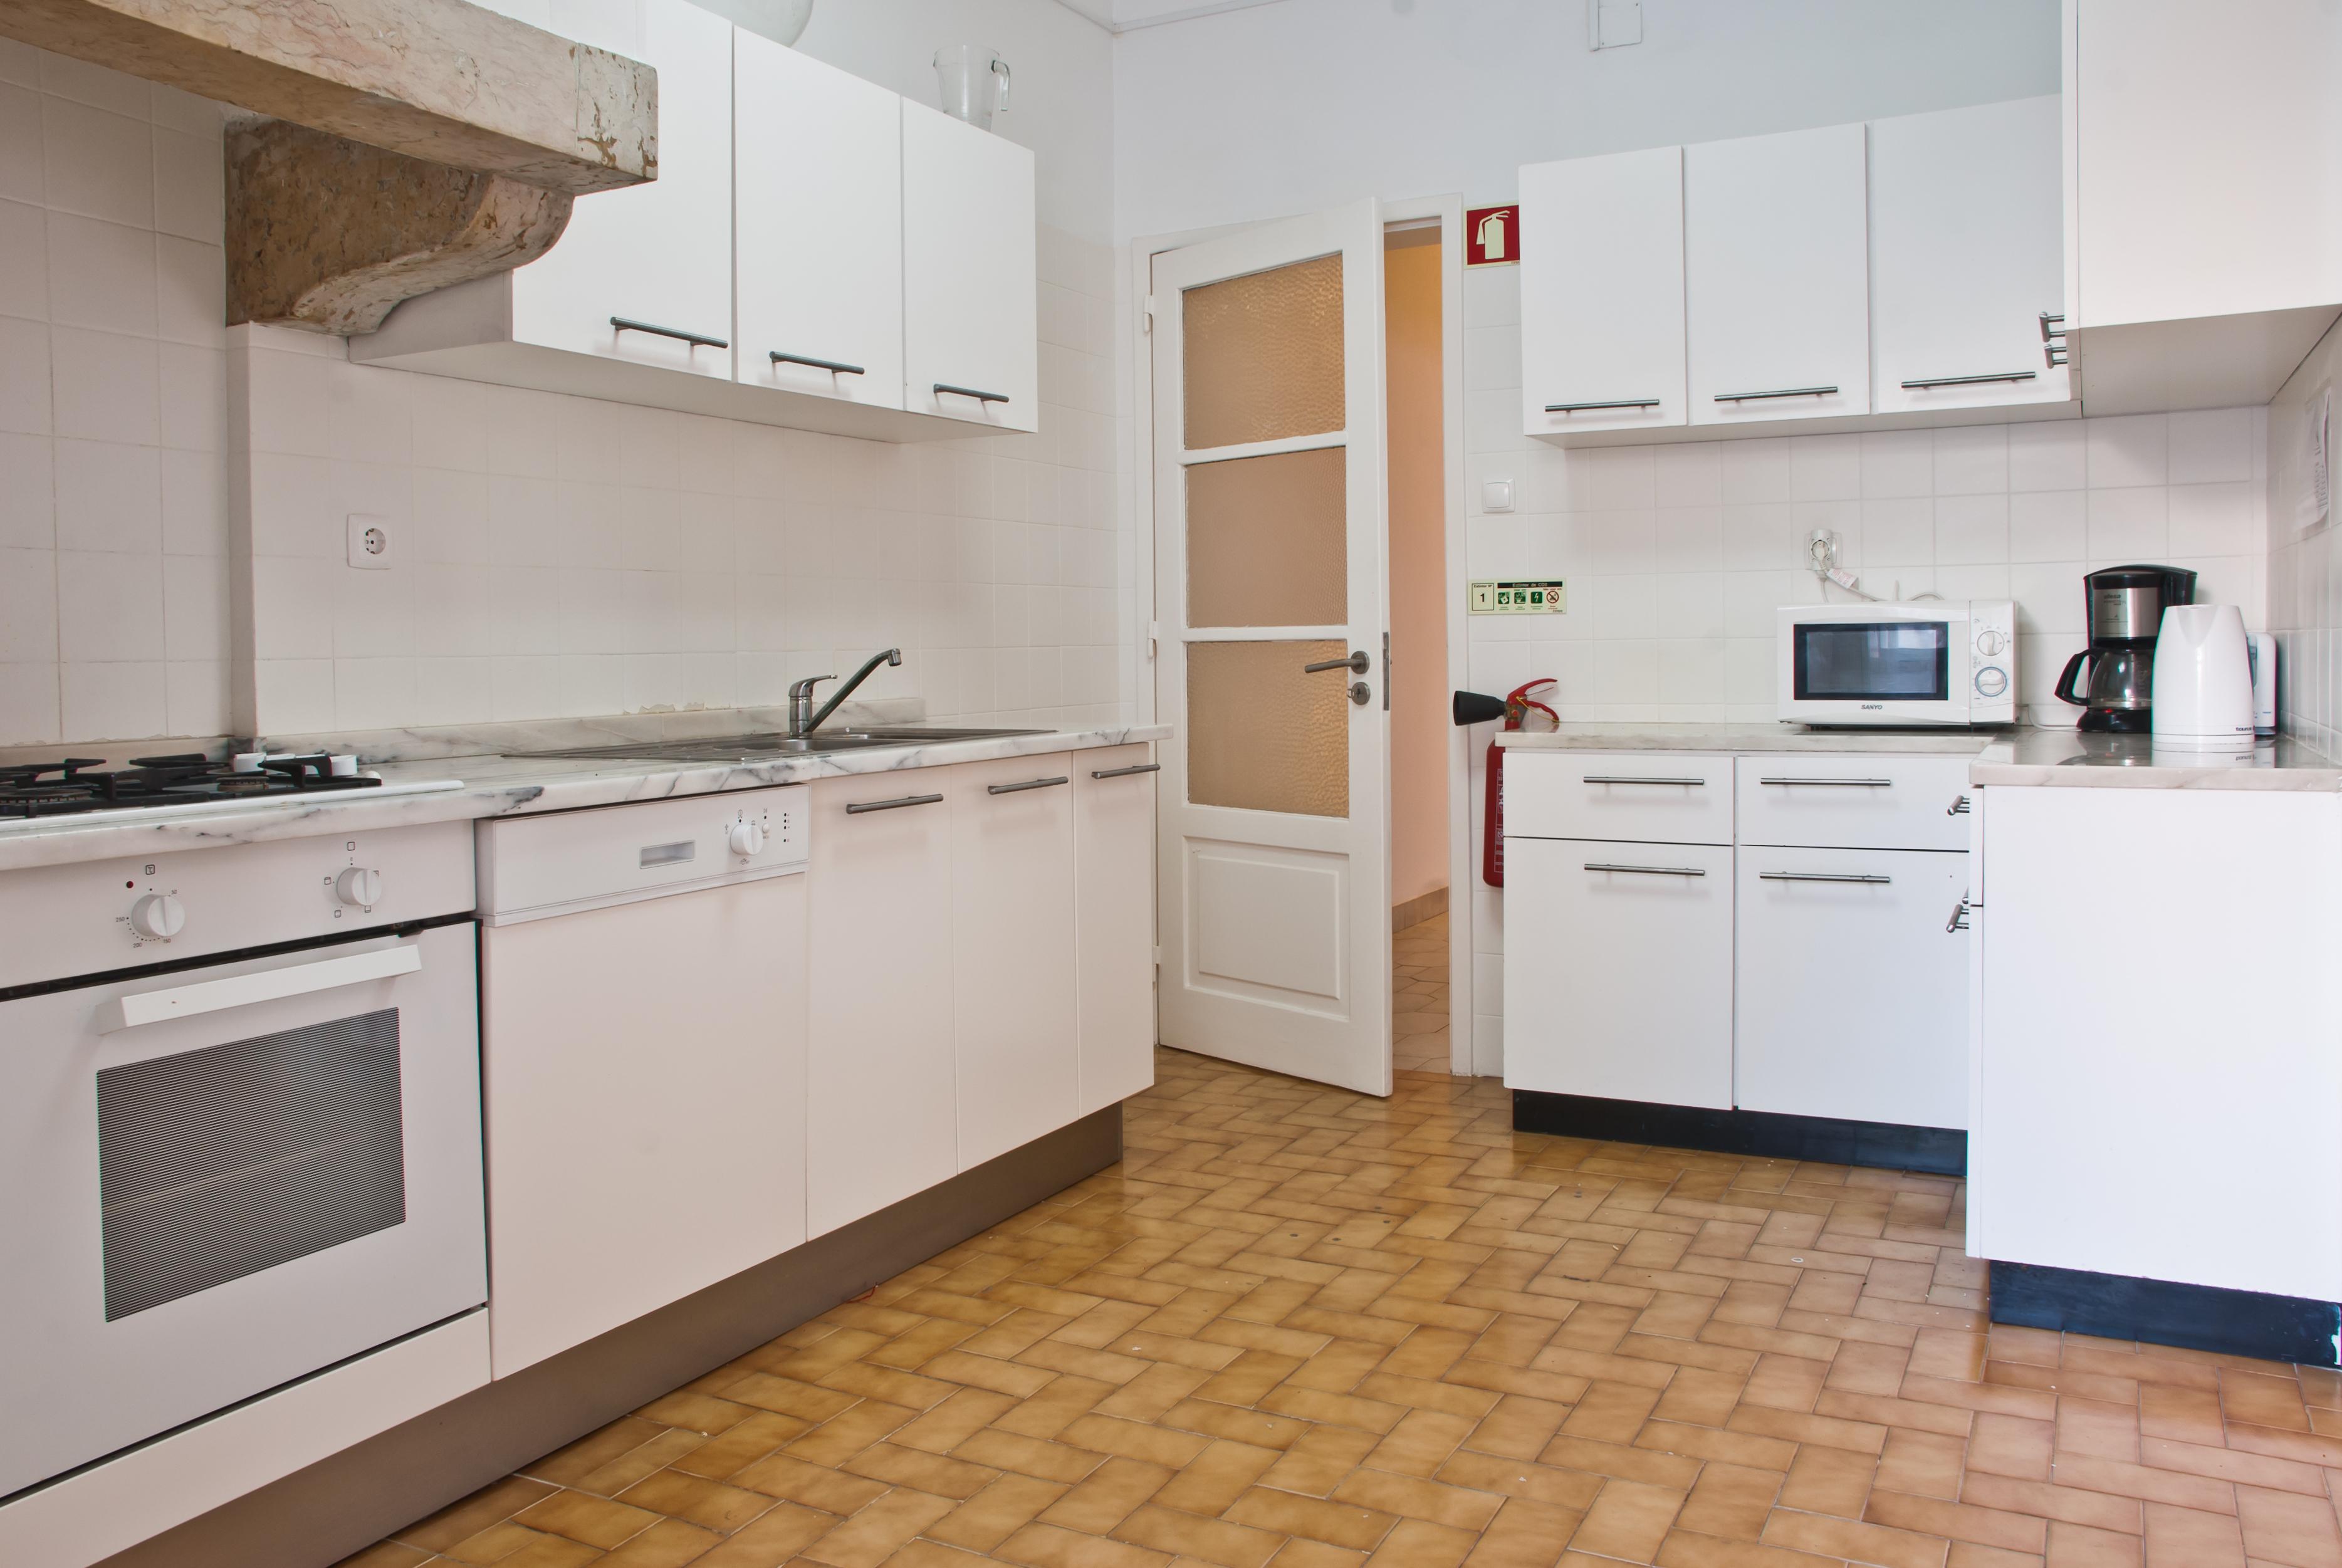 GJ - Kitchen - Foto 1.jpg